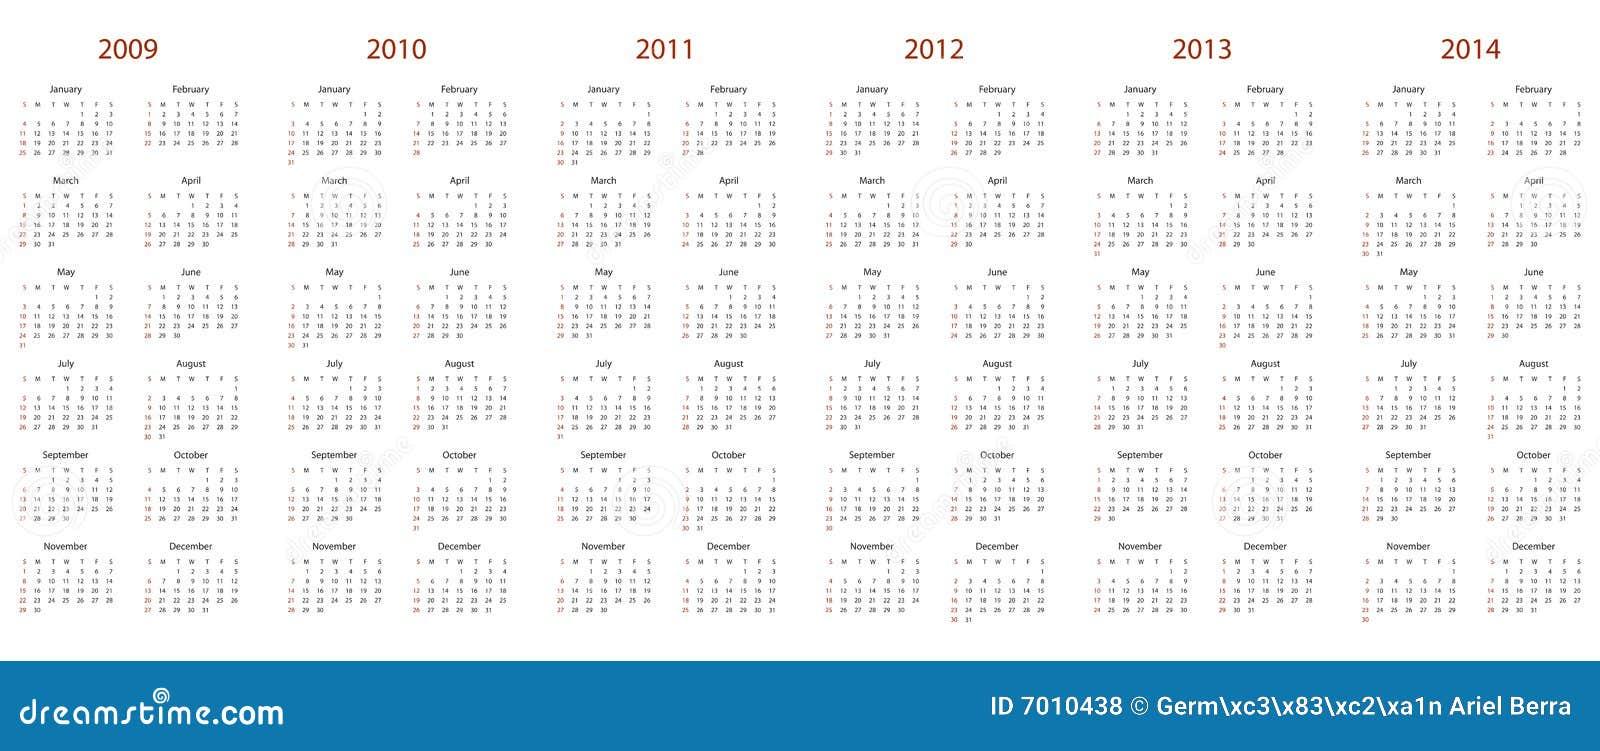 Calendrier pour 2009, 2010, 2011, 2012, 2013 et 2014